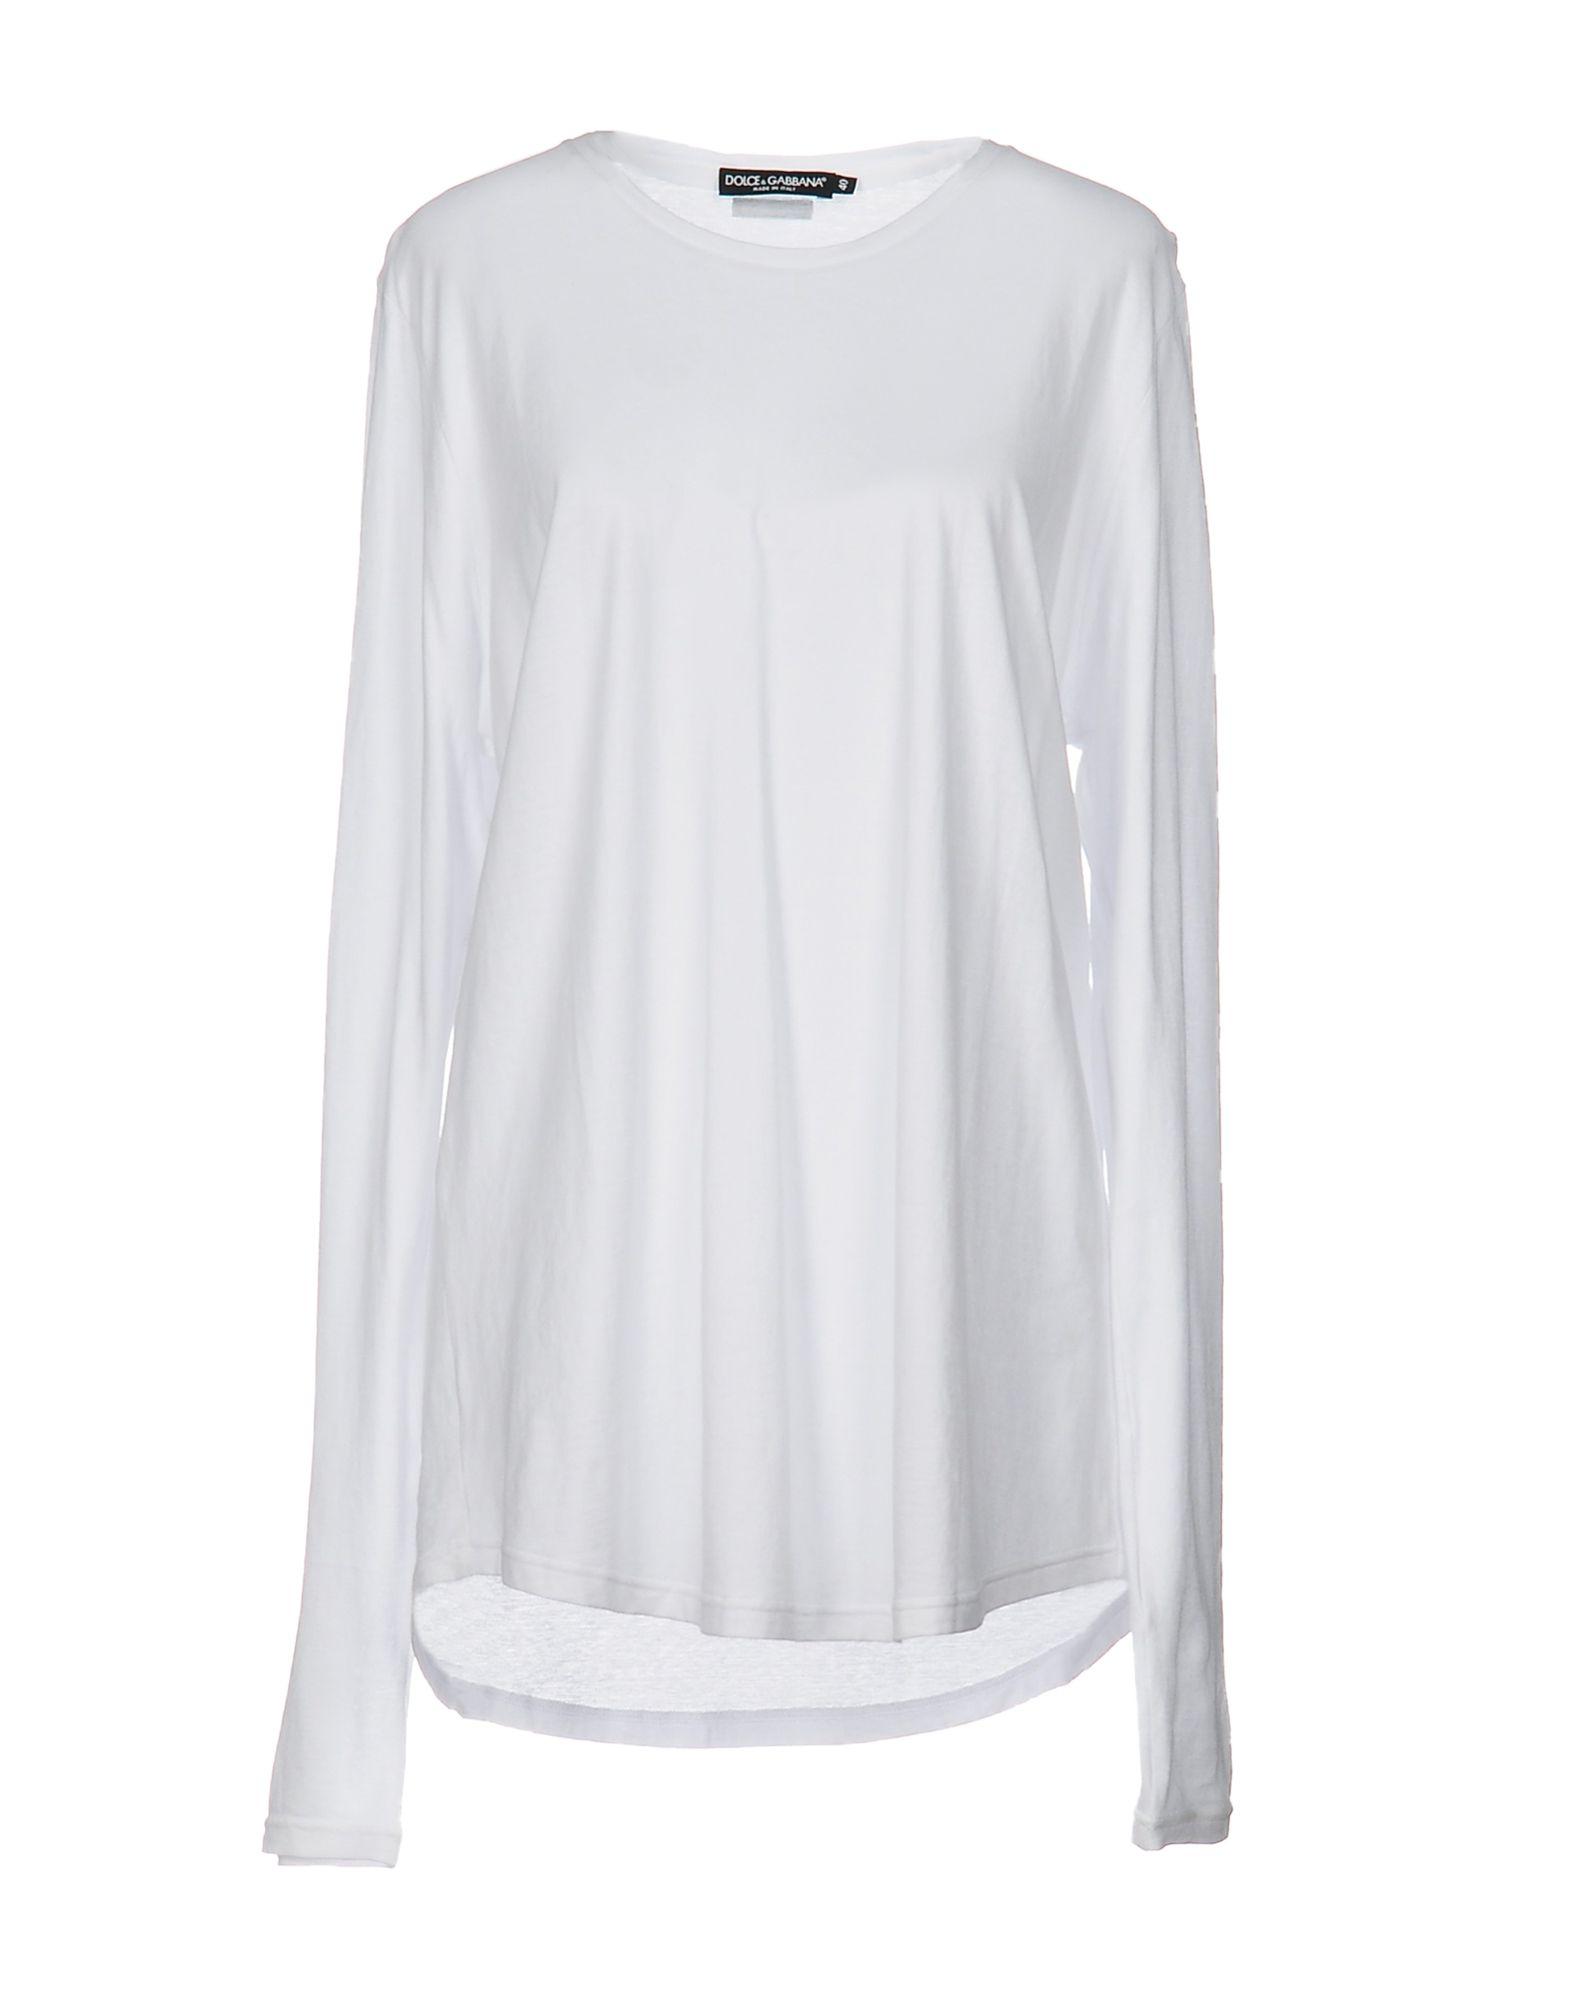 DOLCE & GABBANA 티셔츠 - Item 37993155